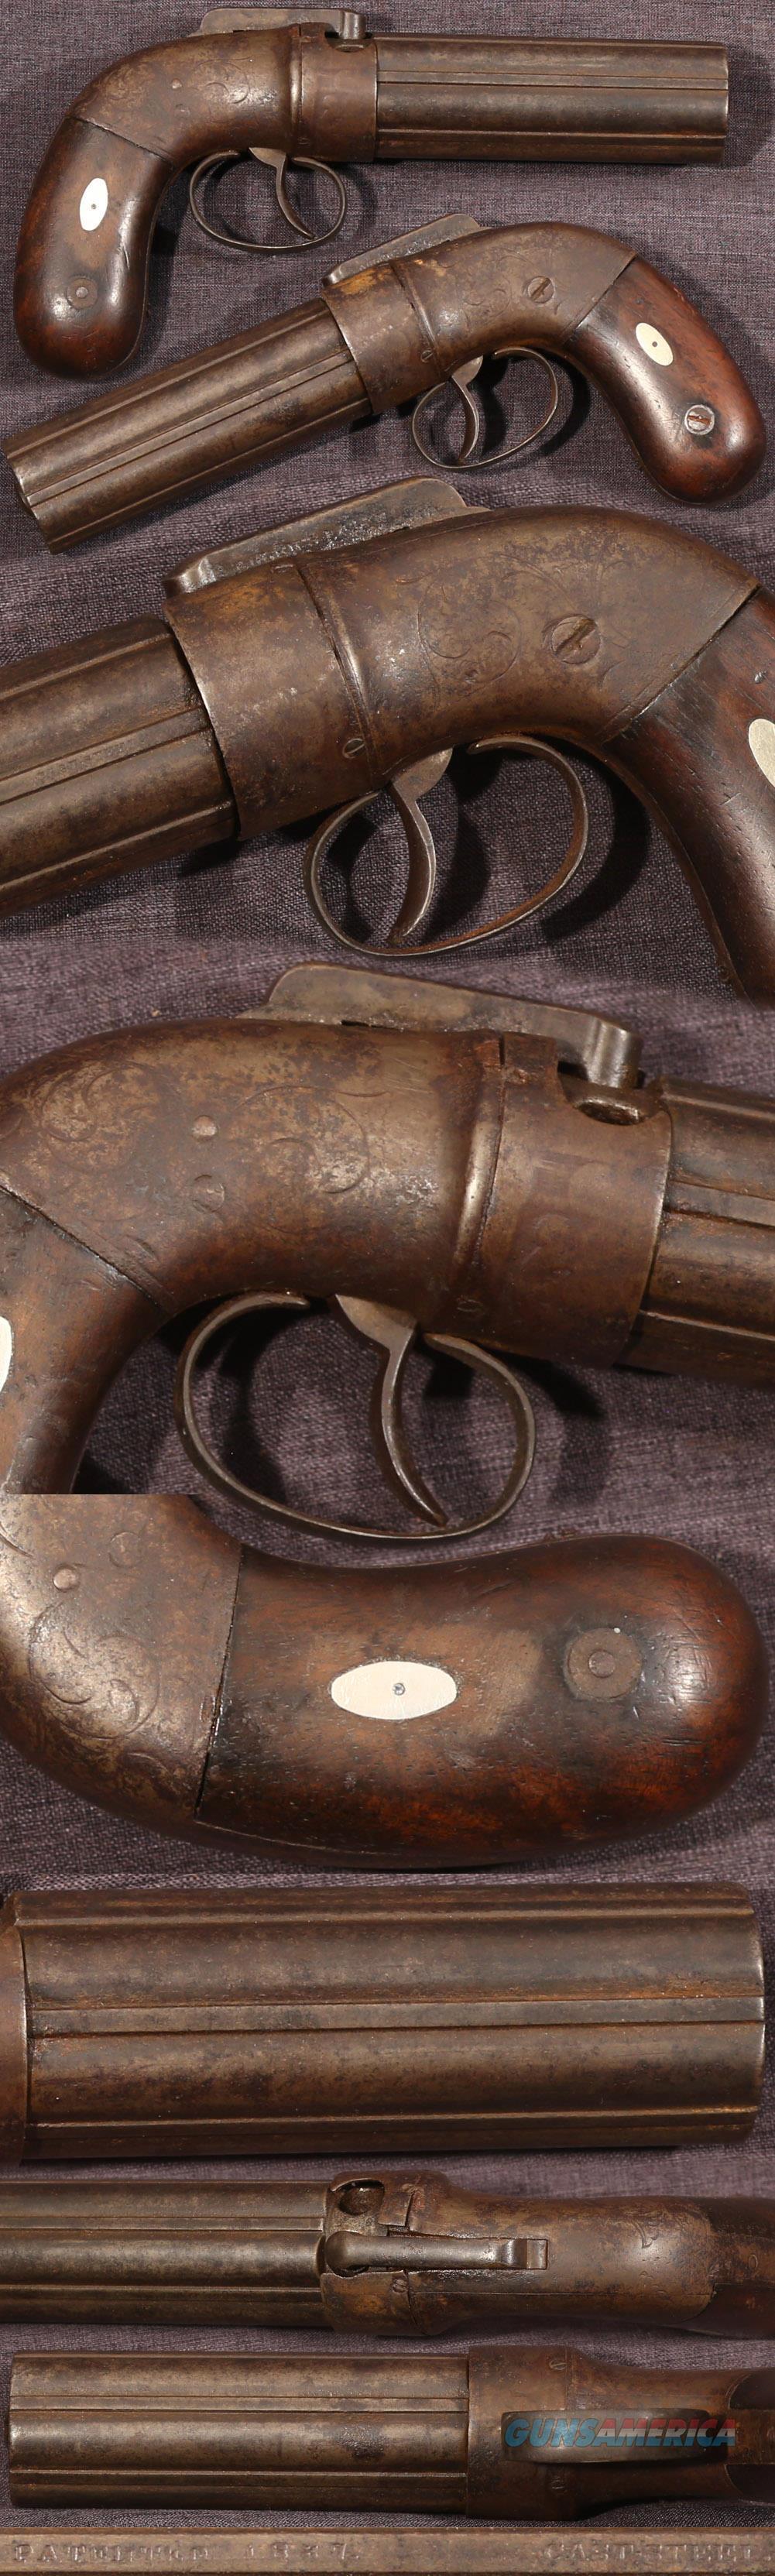 Allen's Patent Norwich percussion pepperbox  Guns > Pistols > Muzzleloading Pre-1899 Pistols (perc)